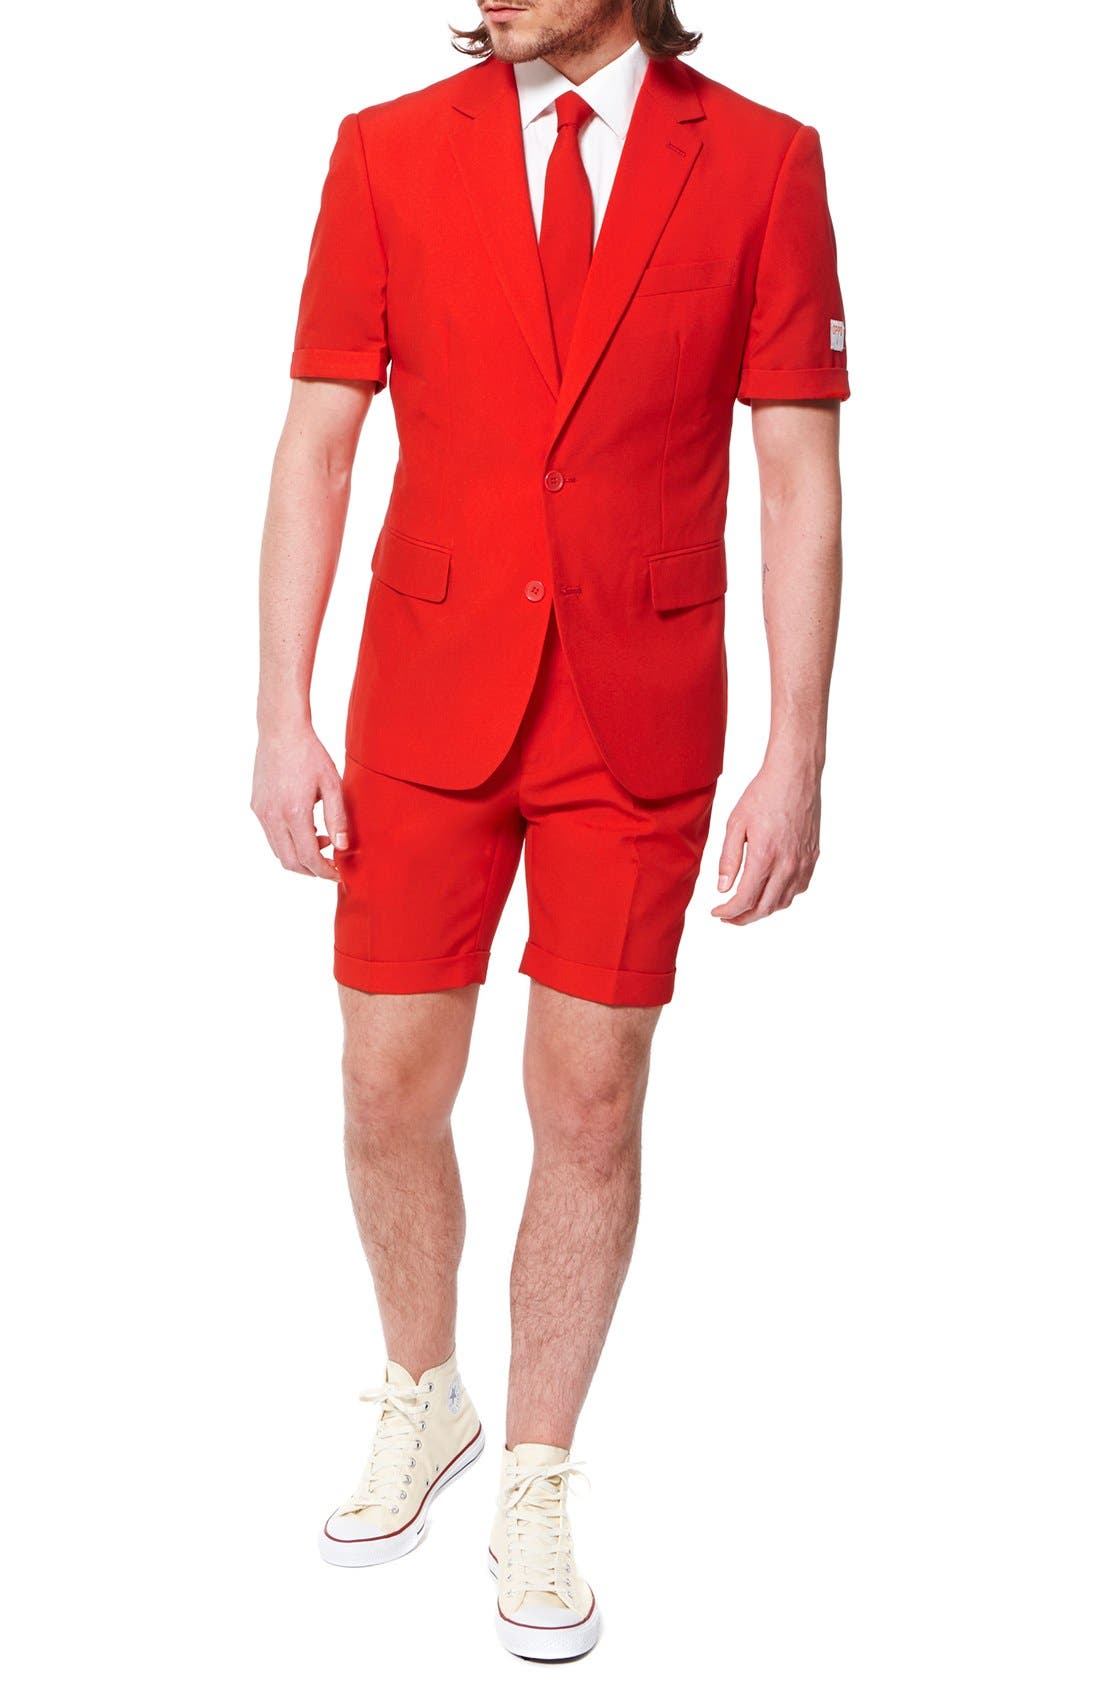 'Summer Red Devil' Trim Fit Short Suit with Tie,                             Alternate thumbnail 4, color,